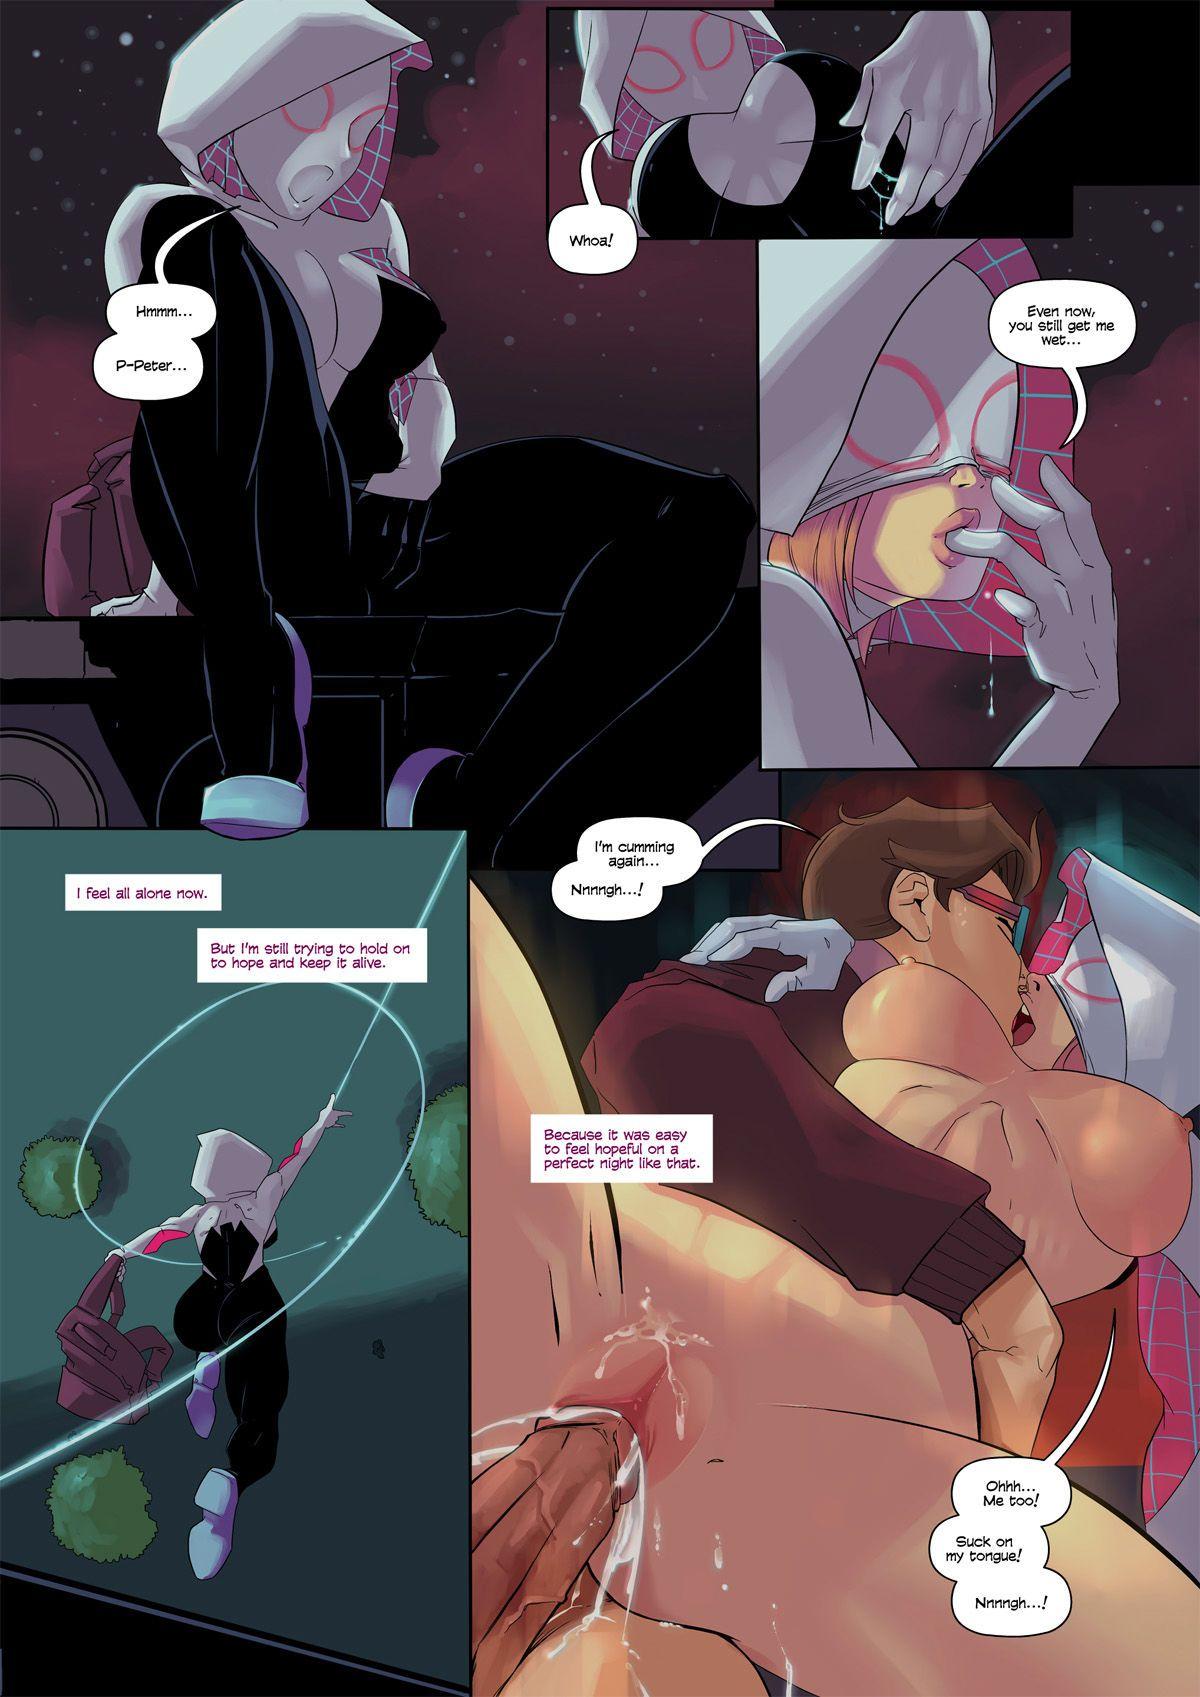 Смотреть новый человек паук секс с гвен